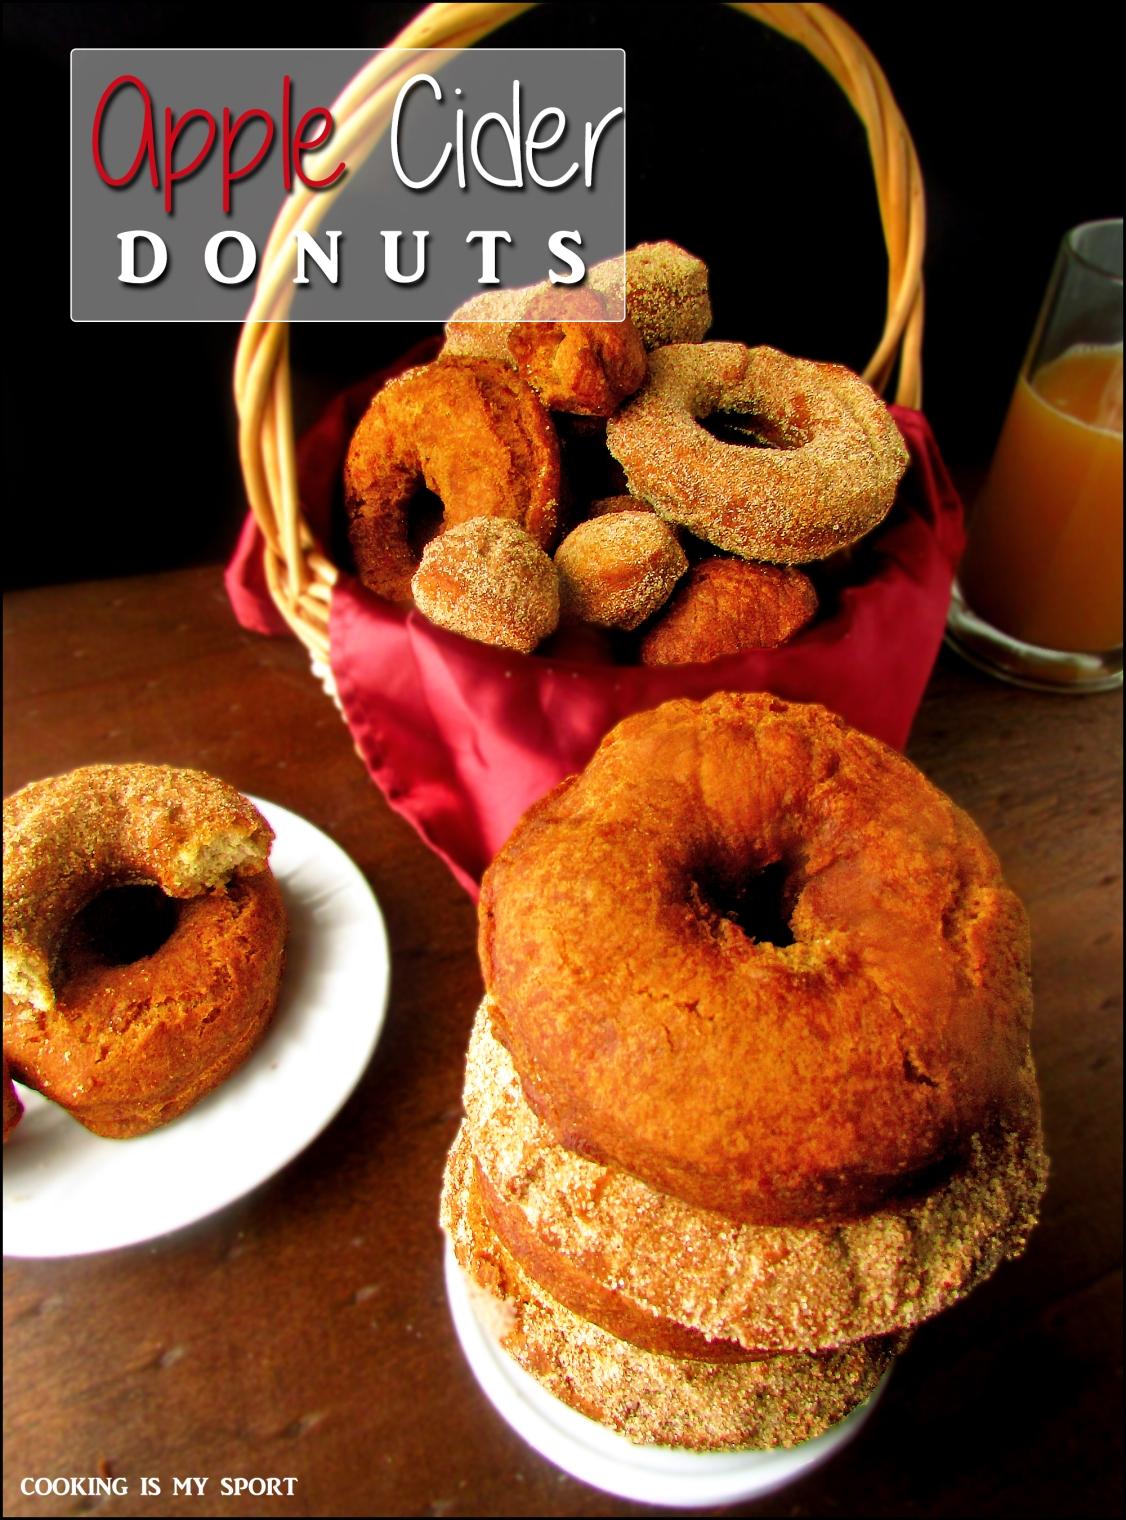 Apple Cider Donuts3